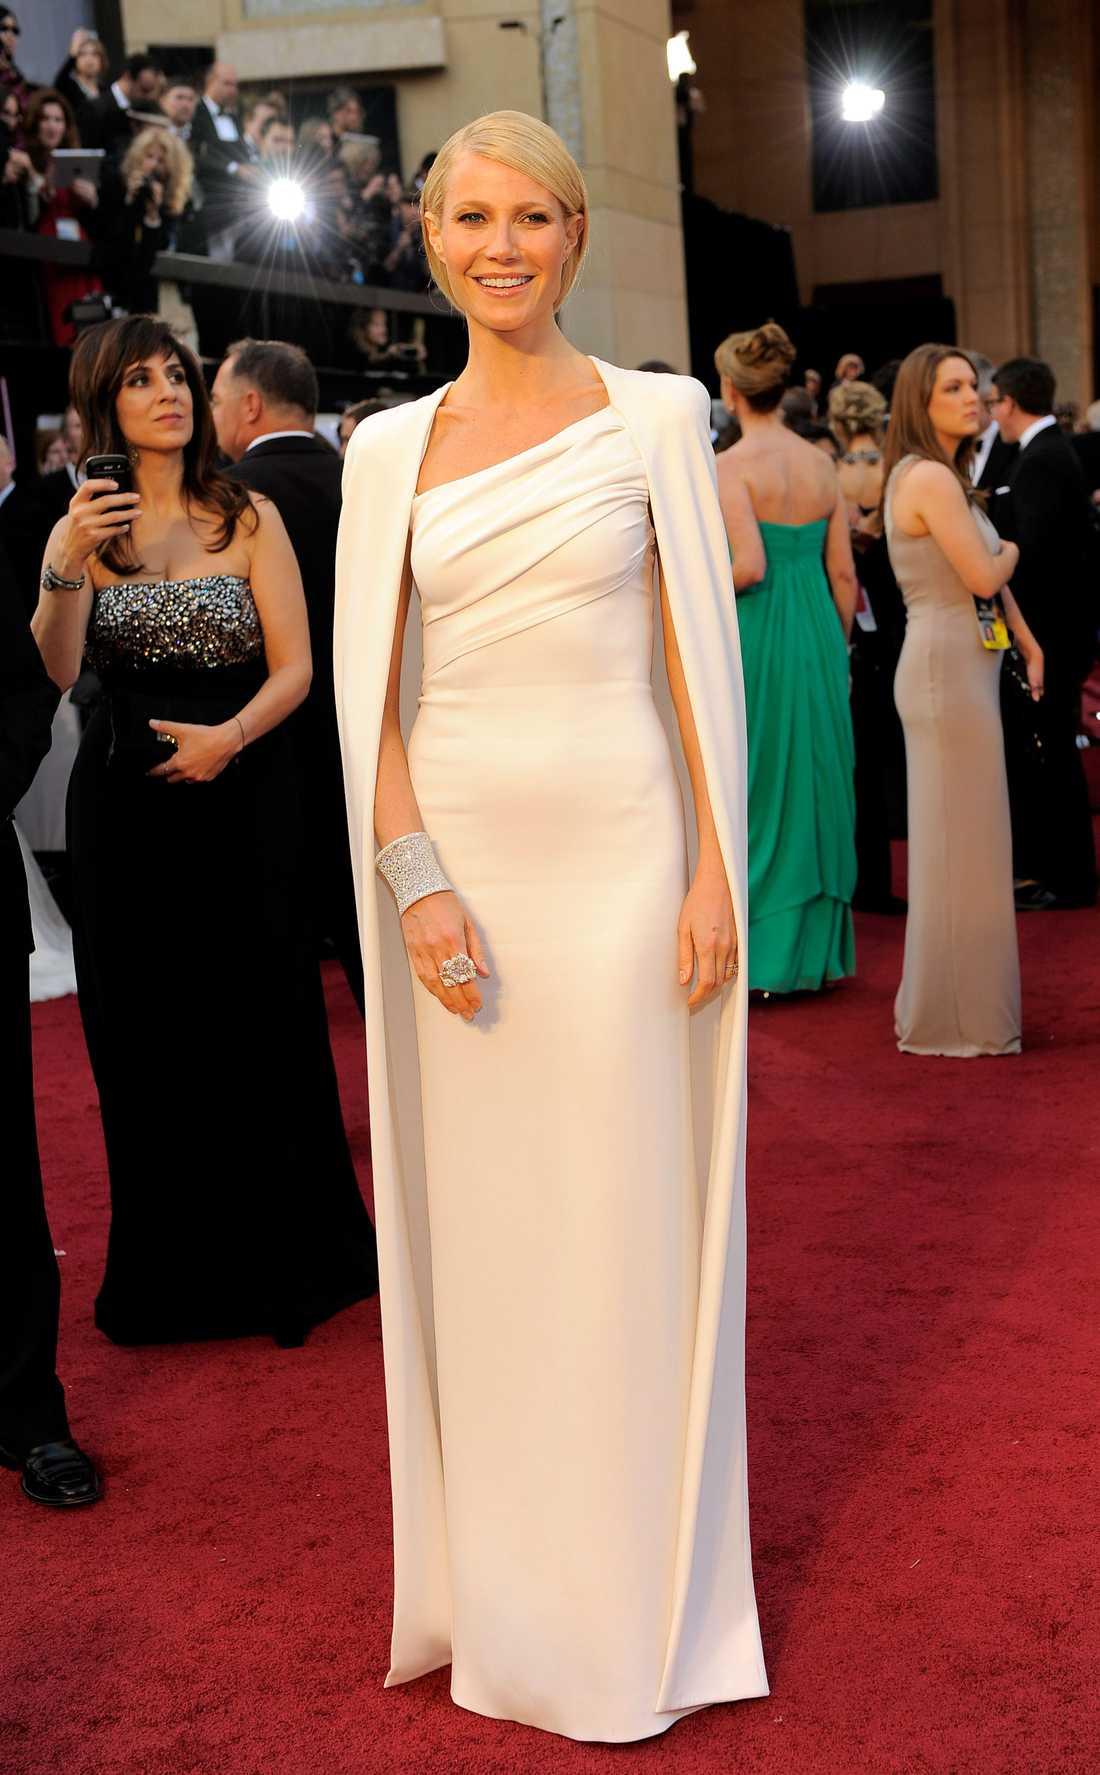 """Gwyneth Paltrow 2012 """"Ibland kommer det klänningar som sätter fingret på något och verkligen startar en trend. Så var falelt med den här krispigt vita och enkla looken komponerad Tom Ford. Gwyneth blev själva sinnebilden av den kommande trenden med raka linjer, ljusa toner och enkel elegans. Så snyggt!"""""""